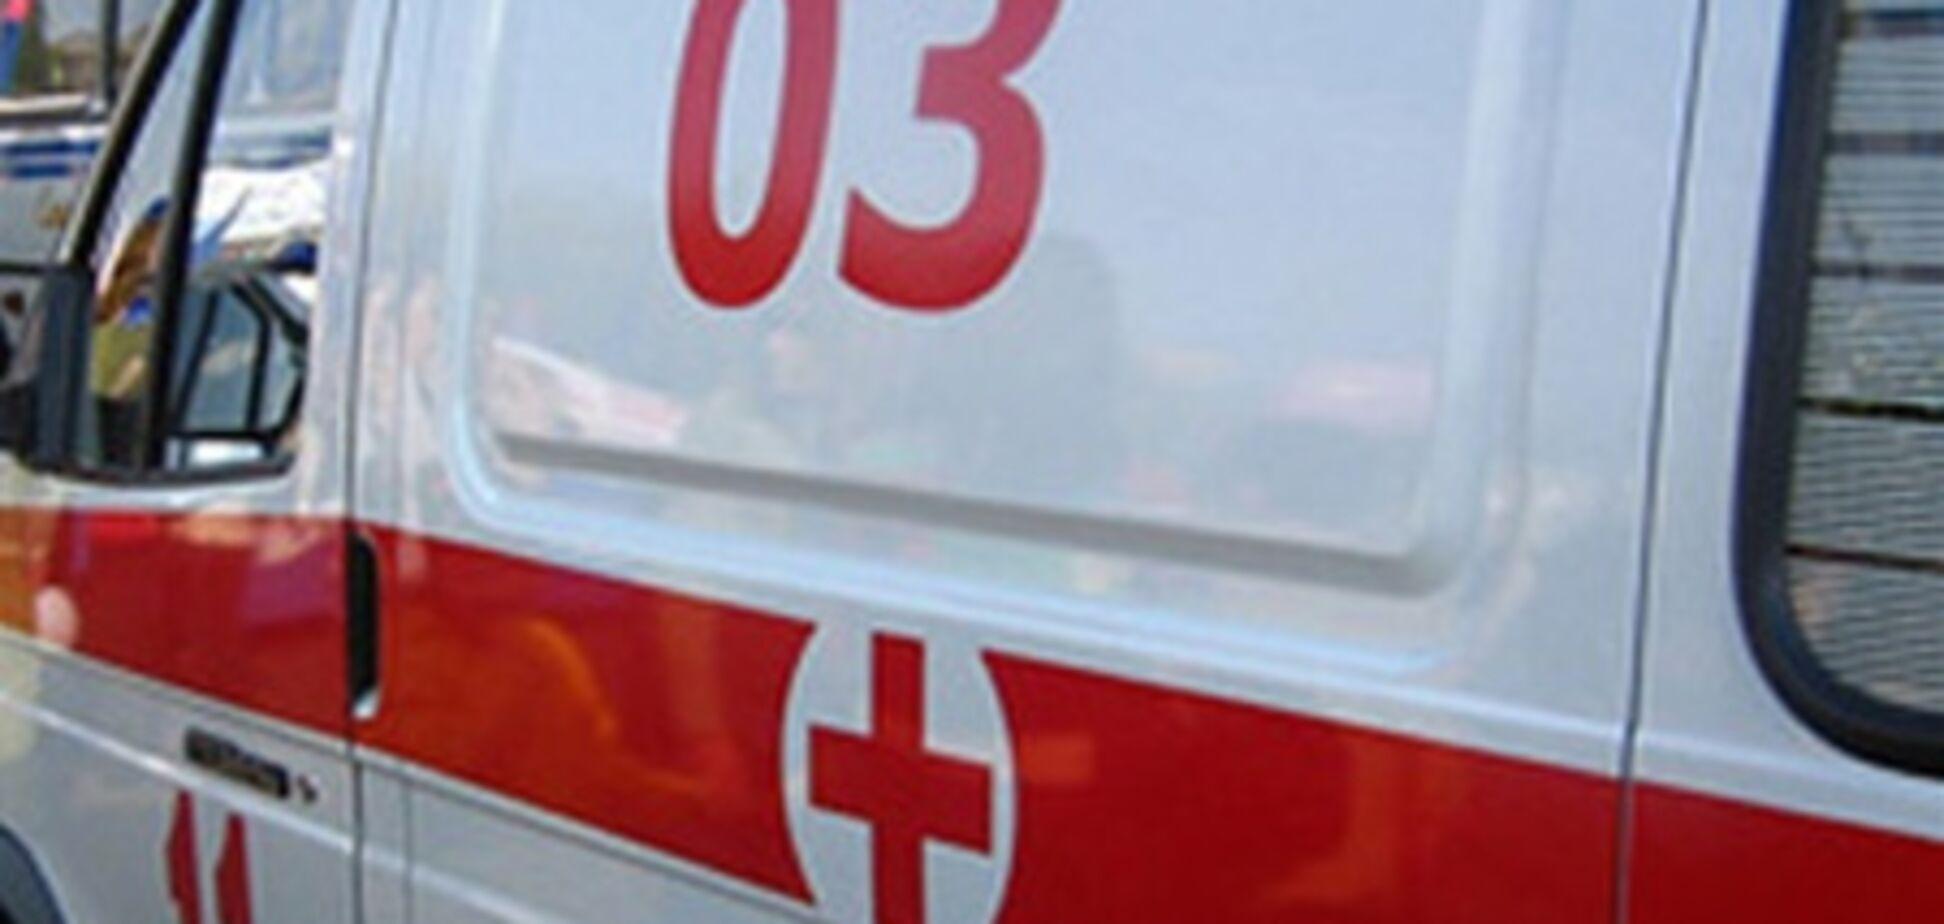 ДТП на проспекте Победы: погиб пешеход и ранен спасатель